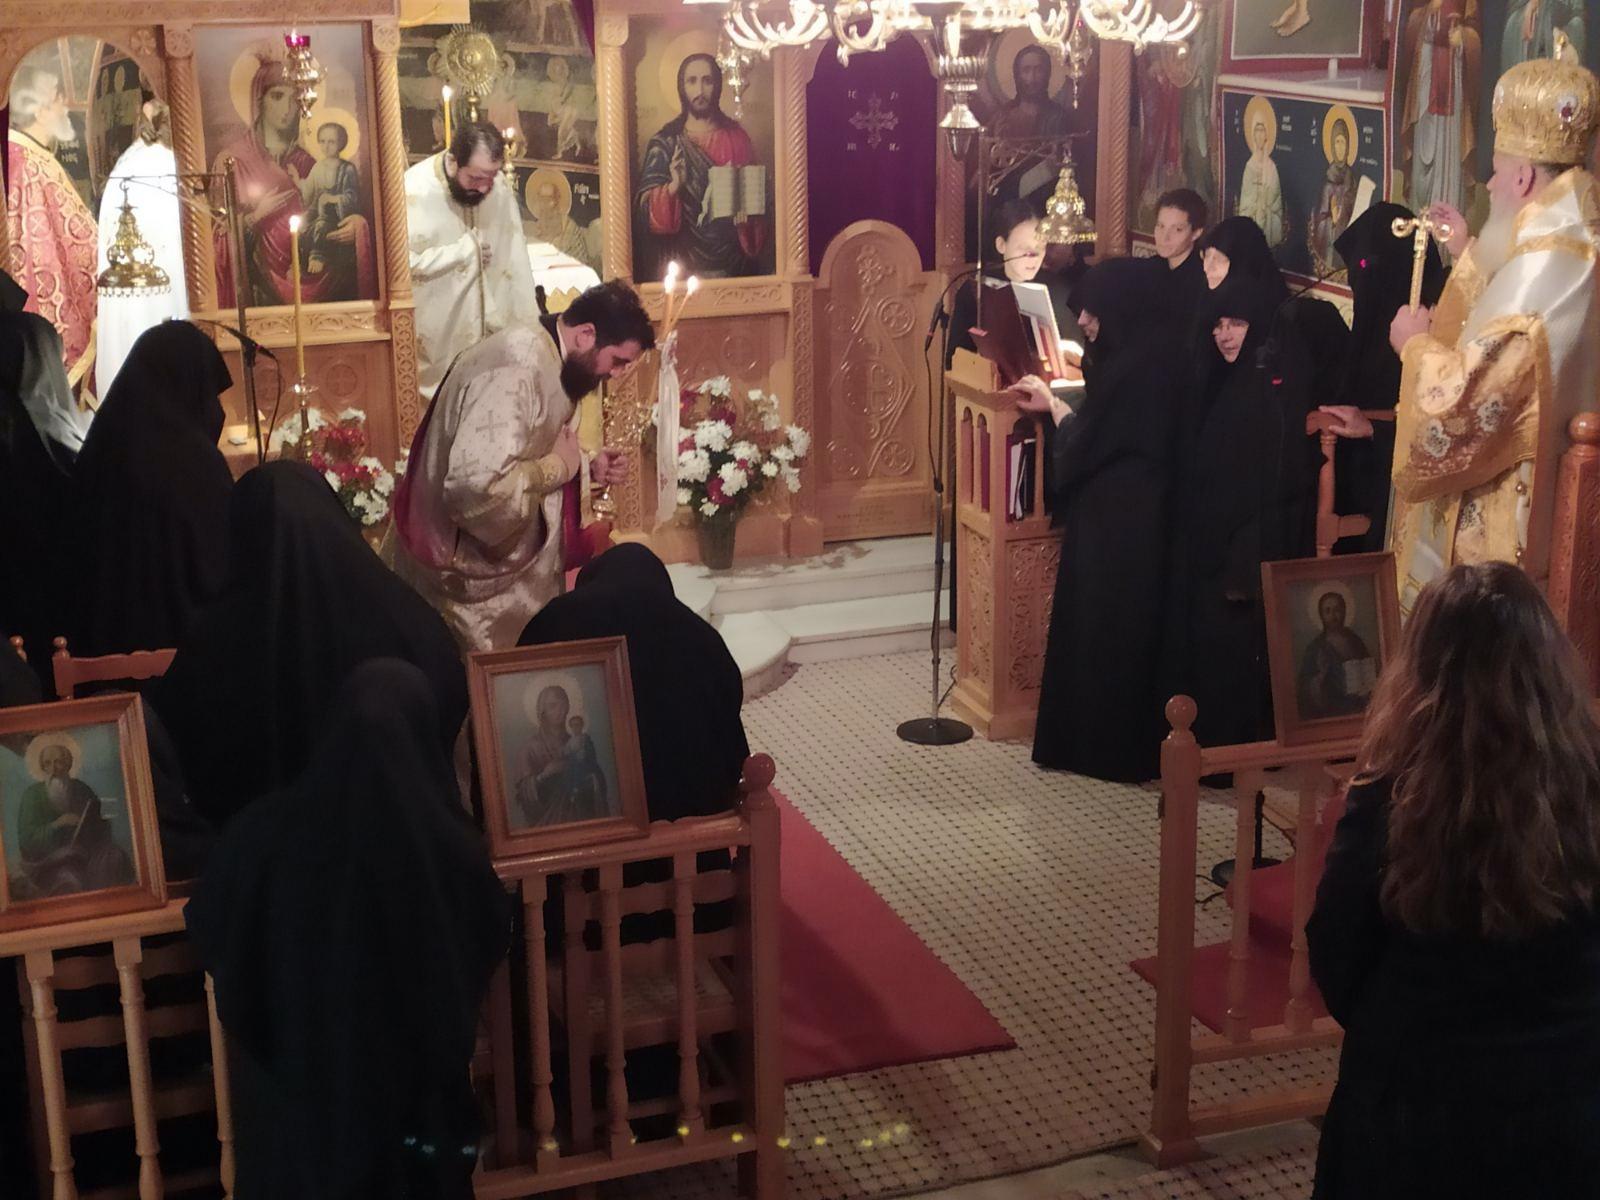 Ένας Μητροπολίτης και τρεις μοναχές με κορονοϊό μετά από λειτουργία σε γυναικείο μοναστήρι